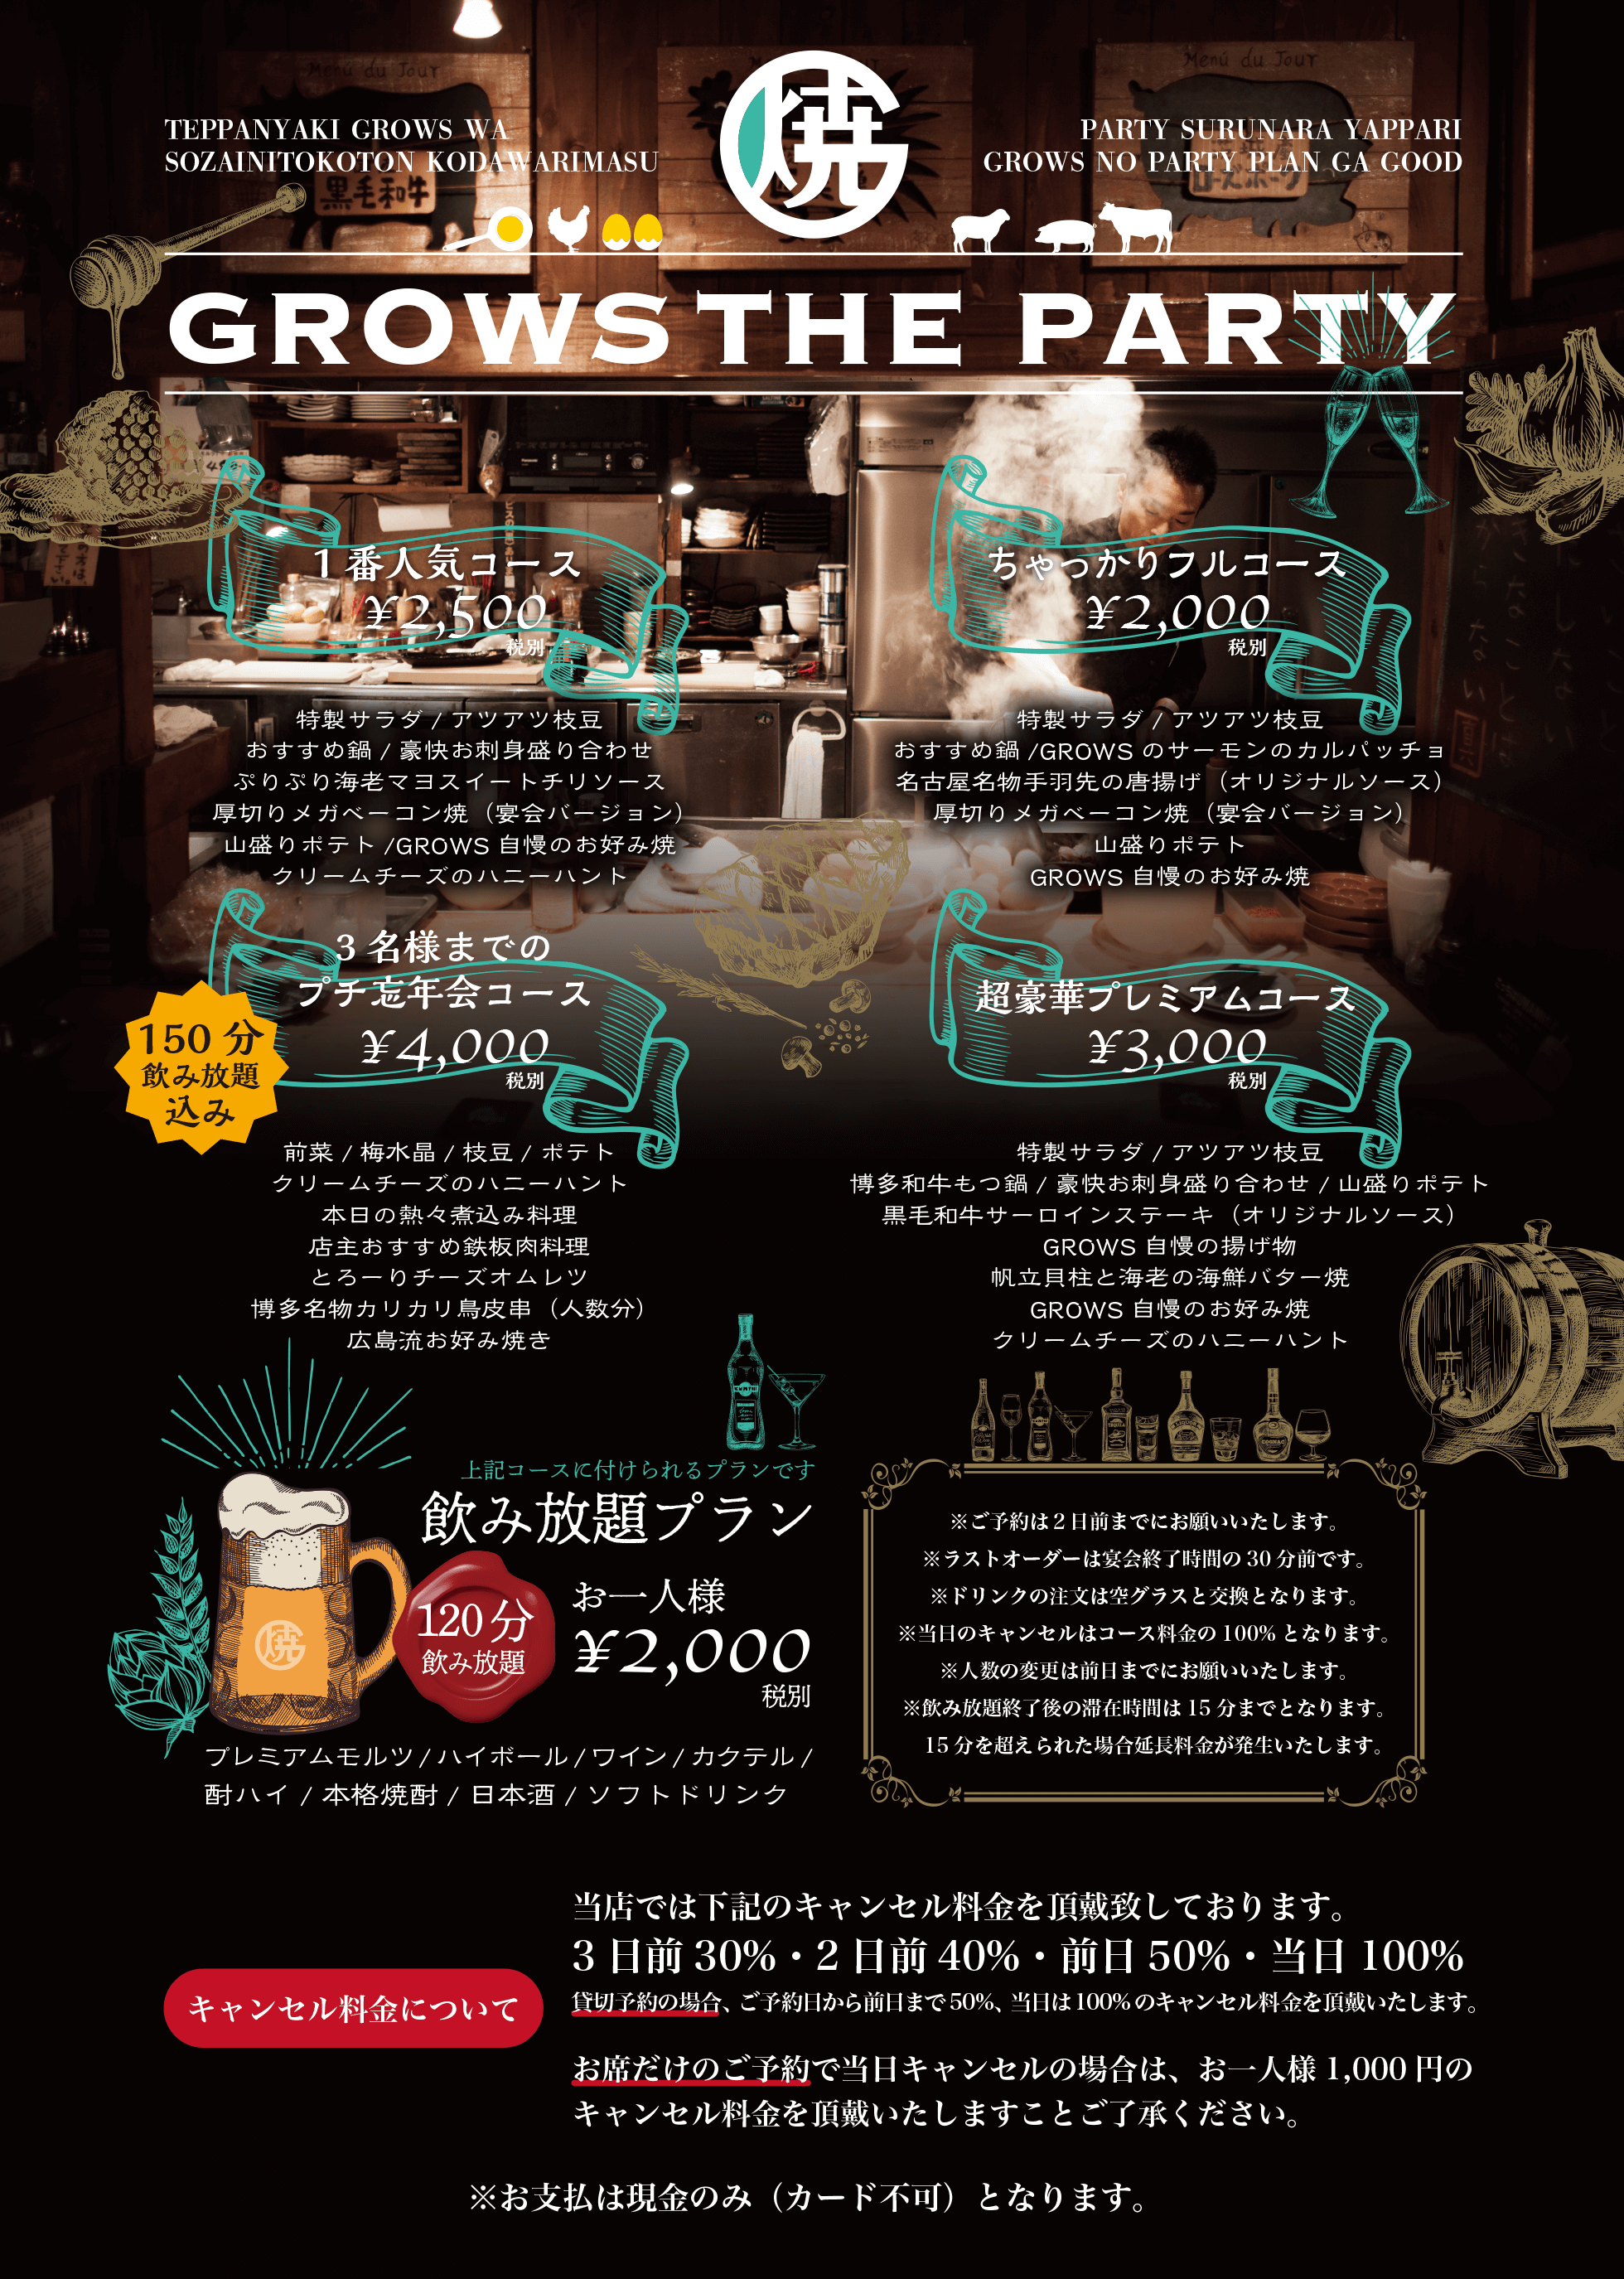 パーティー宴会メニュー画像